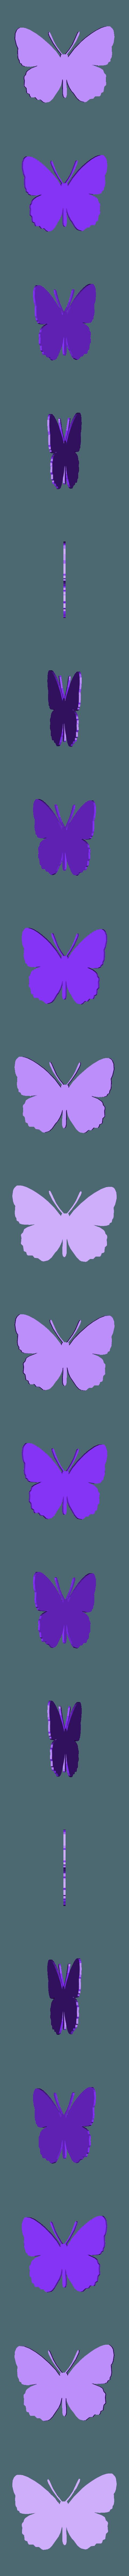 papillon moyen.stl Télécharger fichier STL papillons en relief • Objet pour impression 3D, catf3d